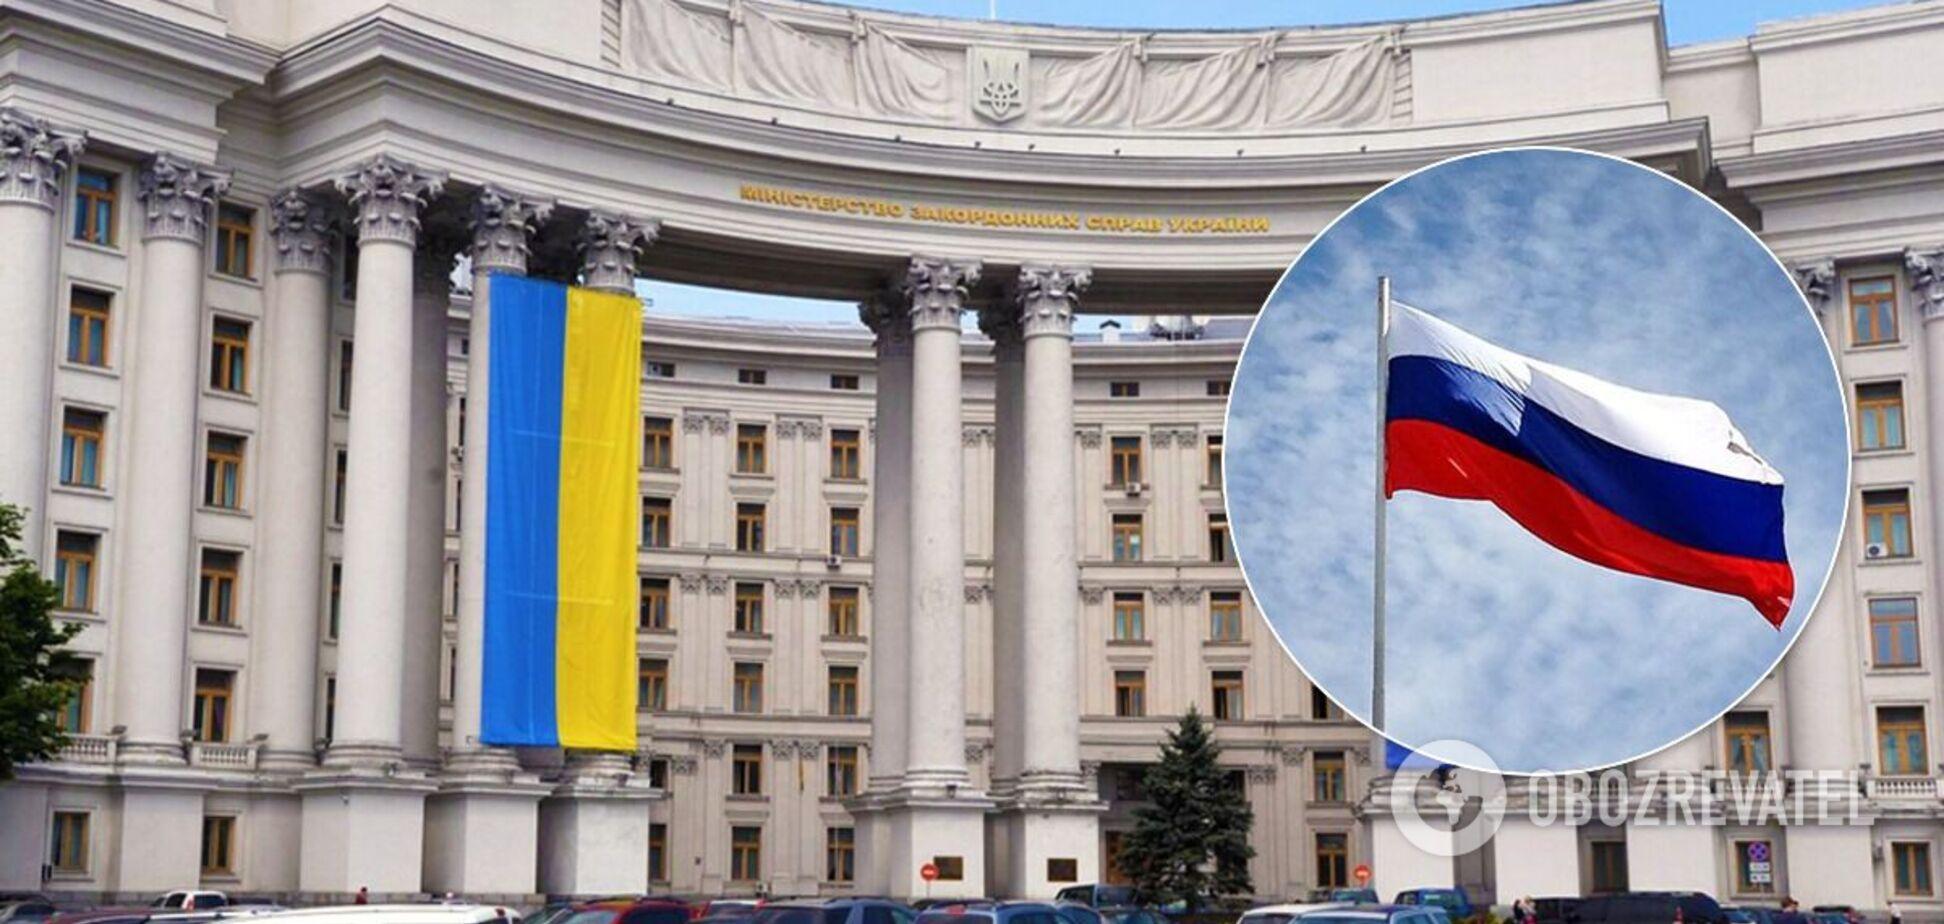 У МЗС назвали 'страусовою поведінкою' повернення РФ ноти через парад у Севастополі